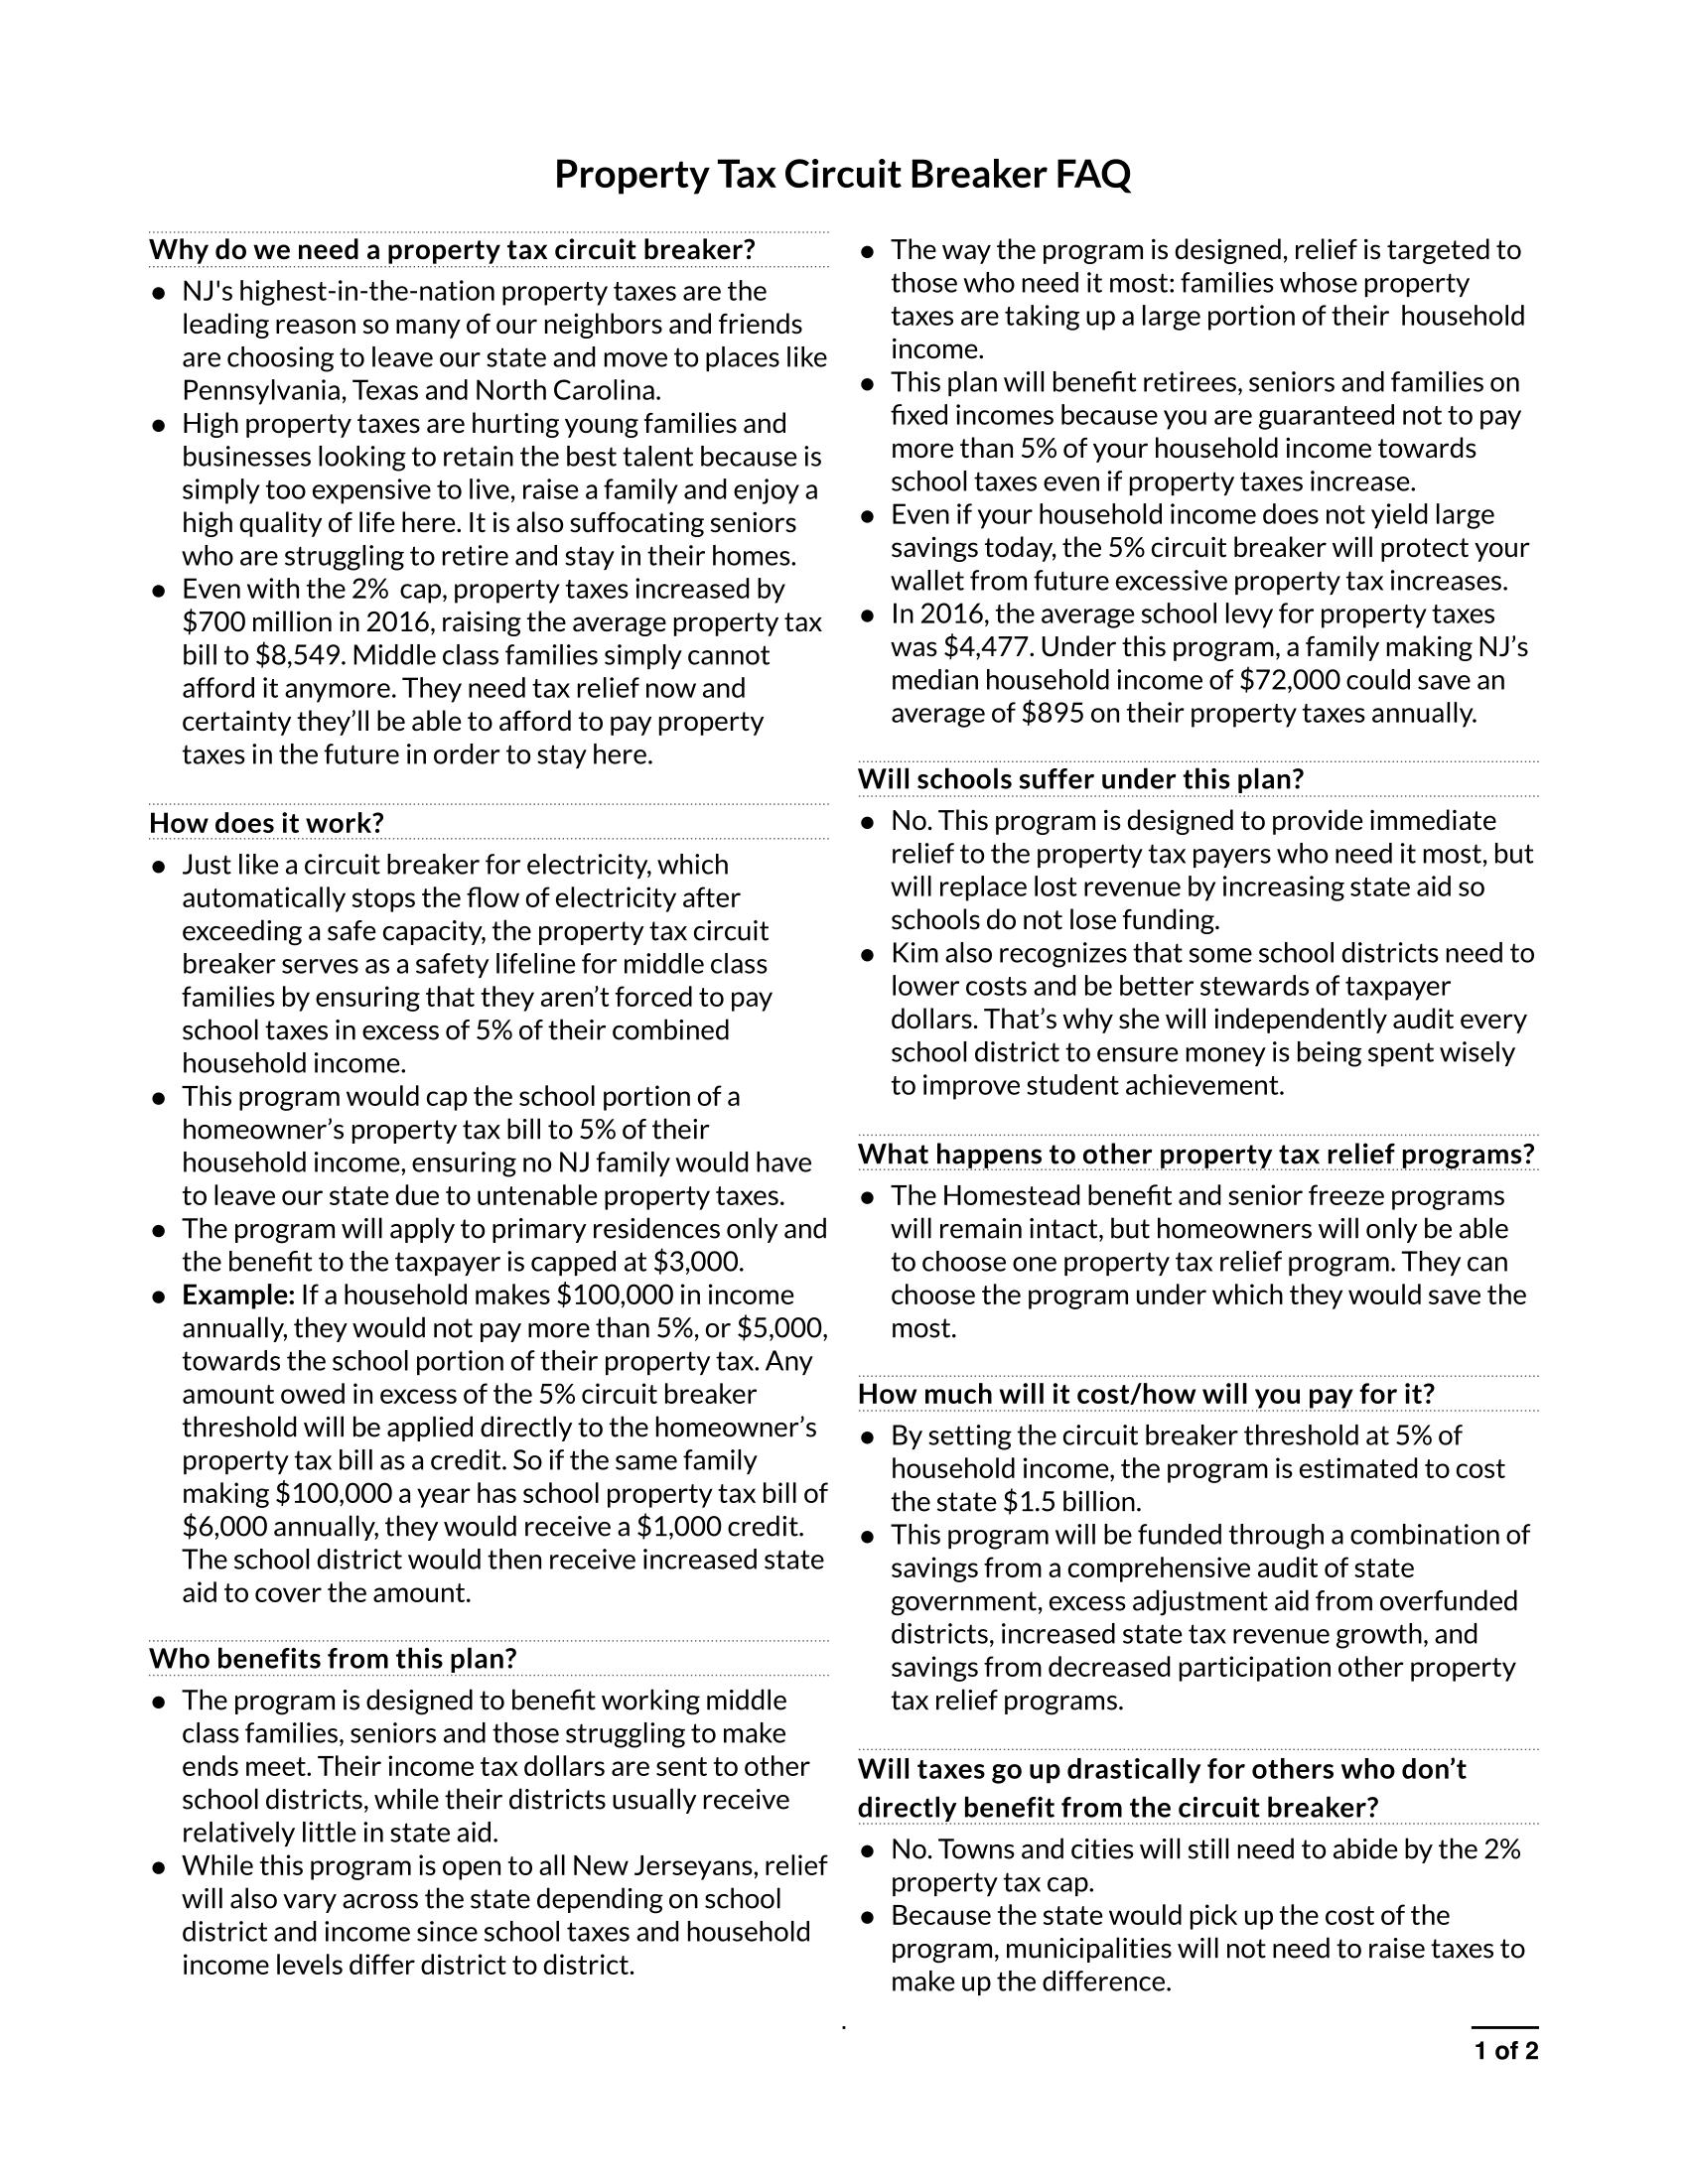 Property_Tax_FAQ_1